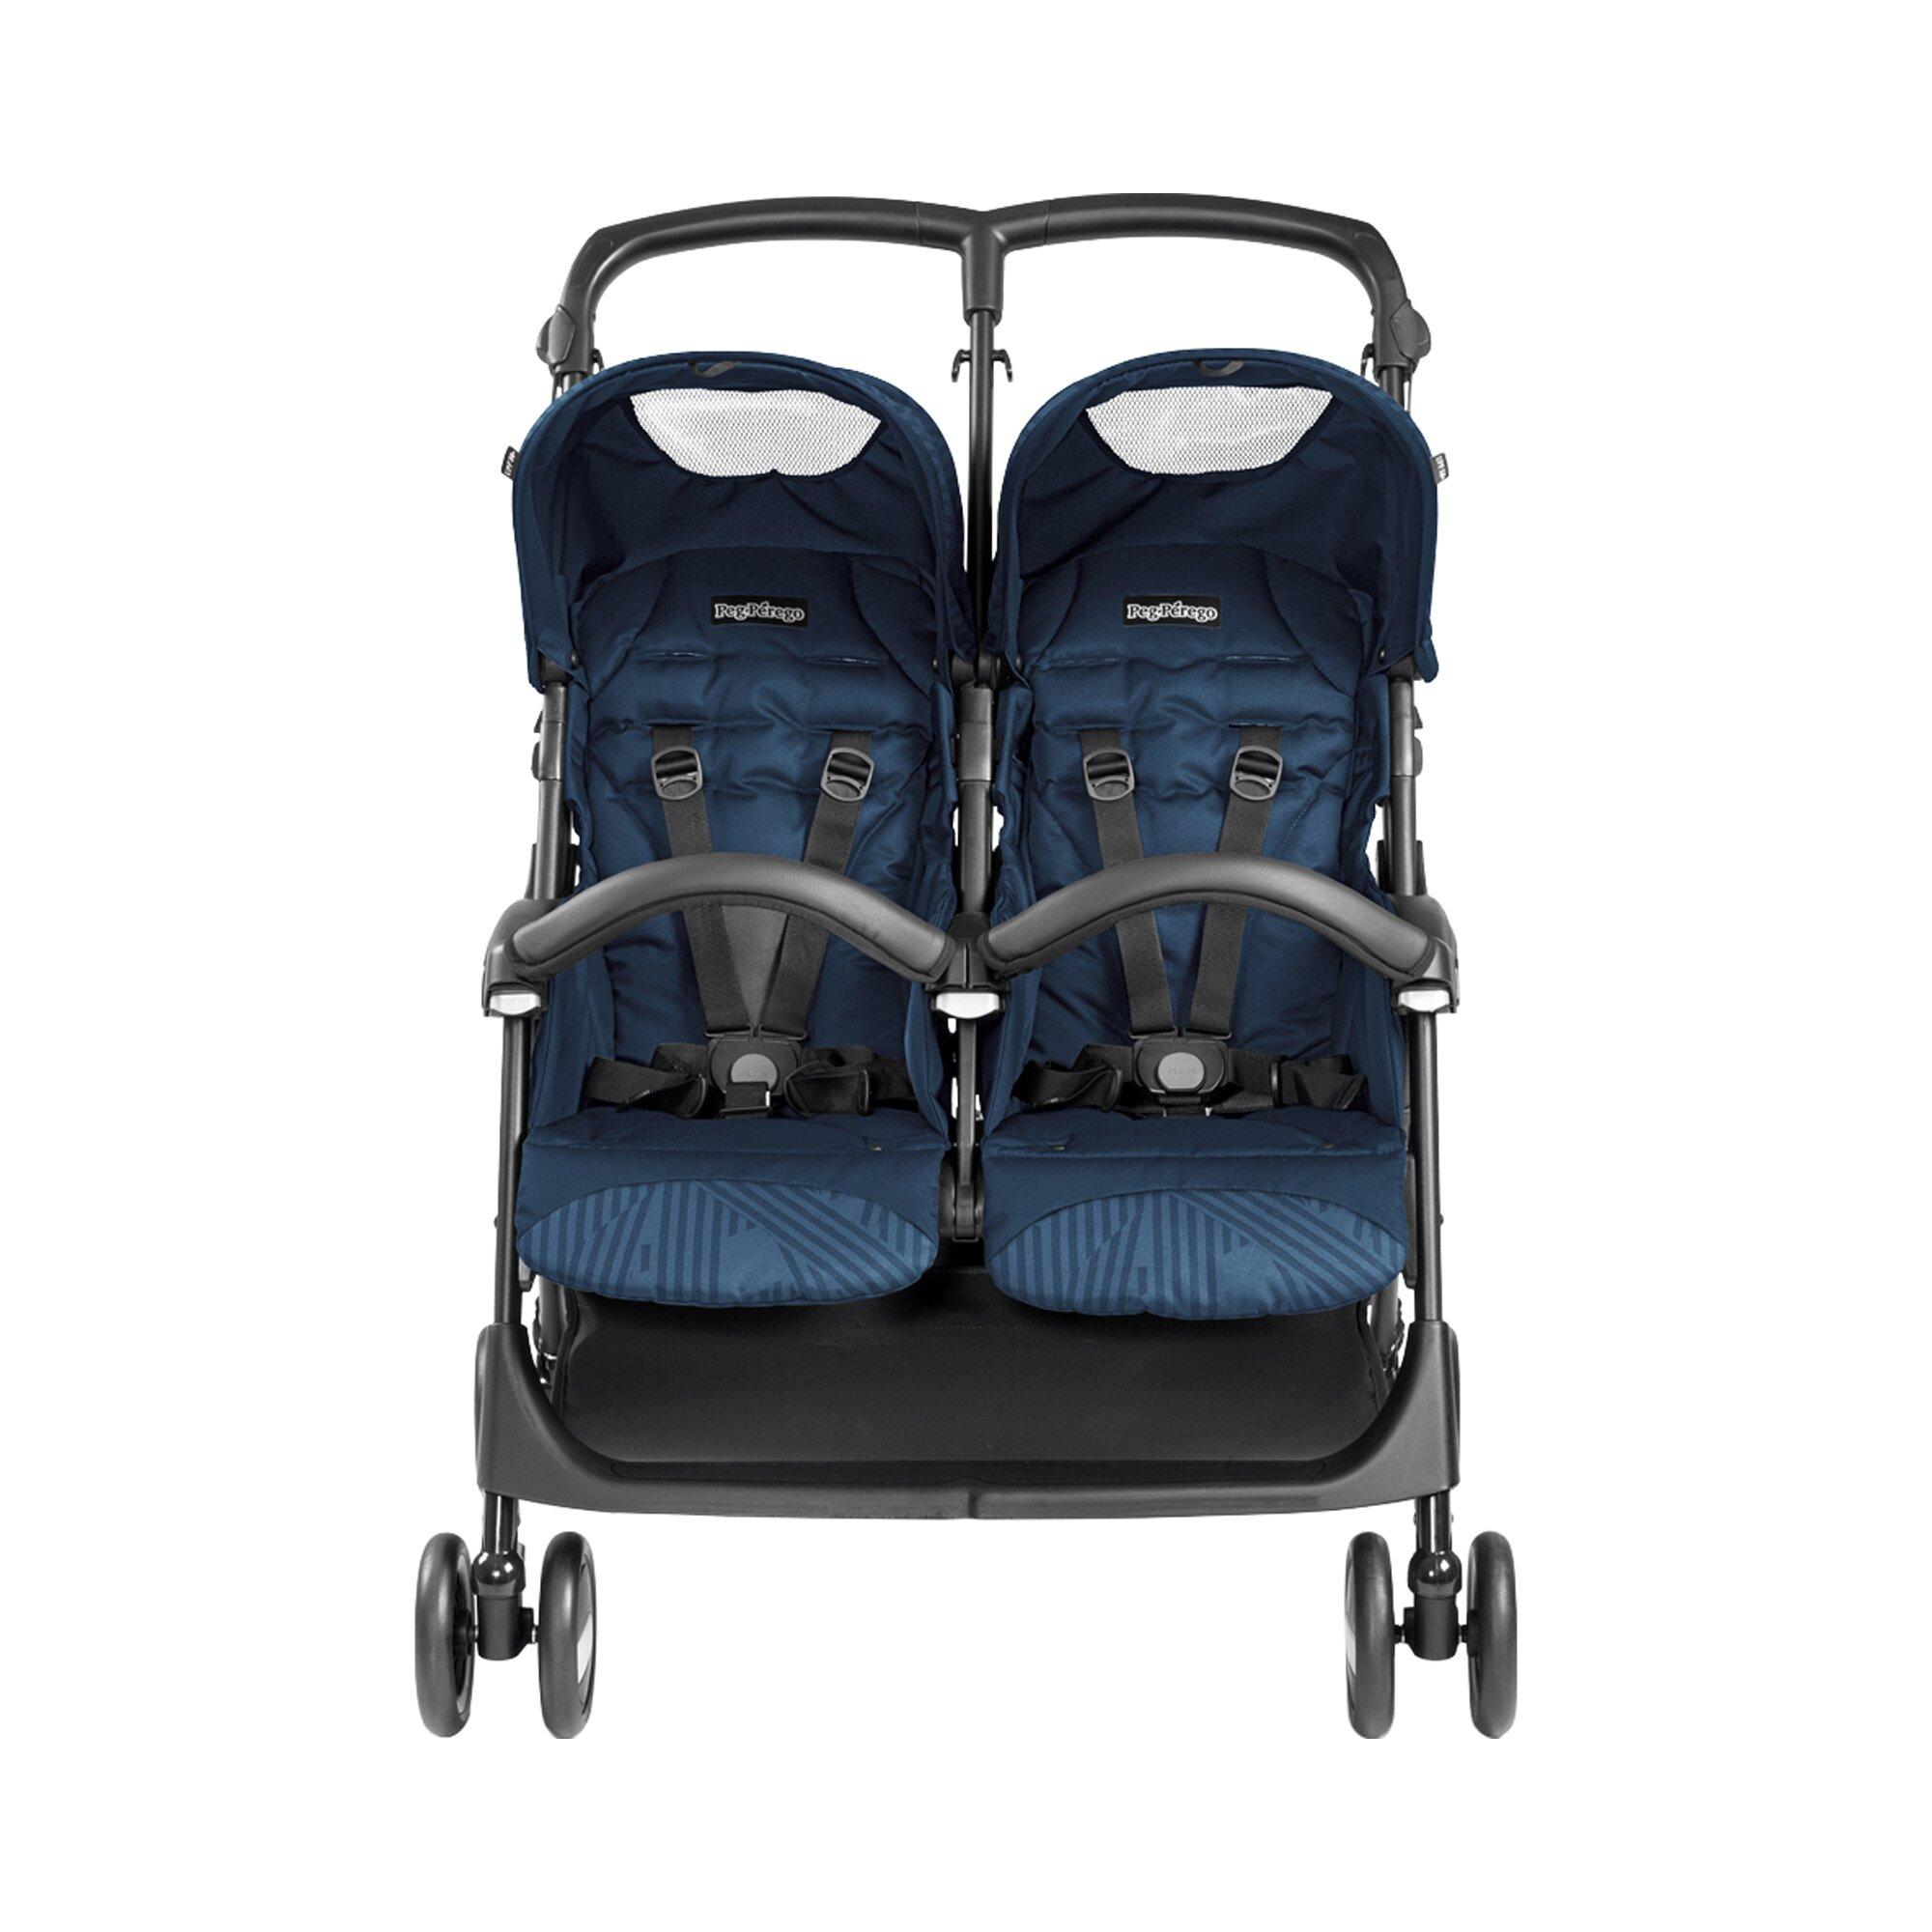 peg-perego-aria-shopper-twin-zwillings-und-kinderwagen-geschwisterwagen-design-2018-blau